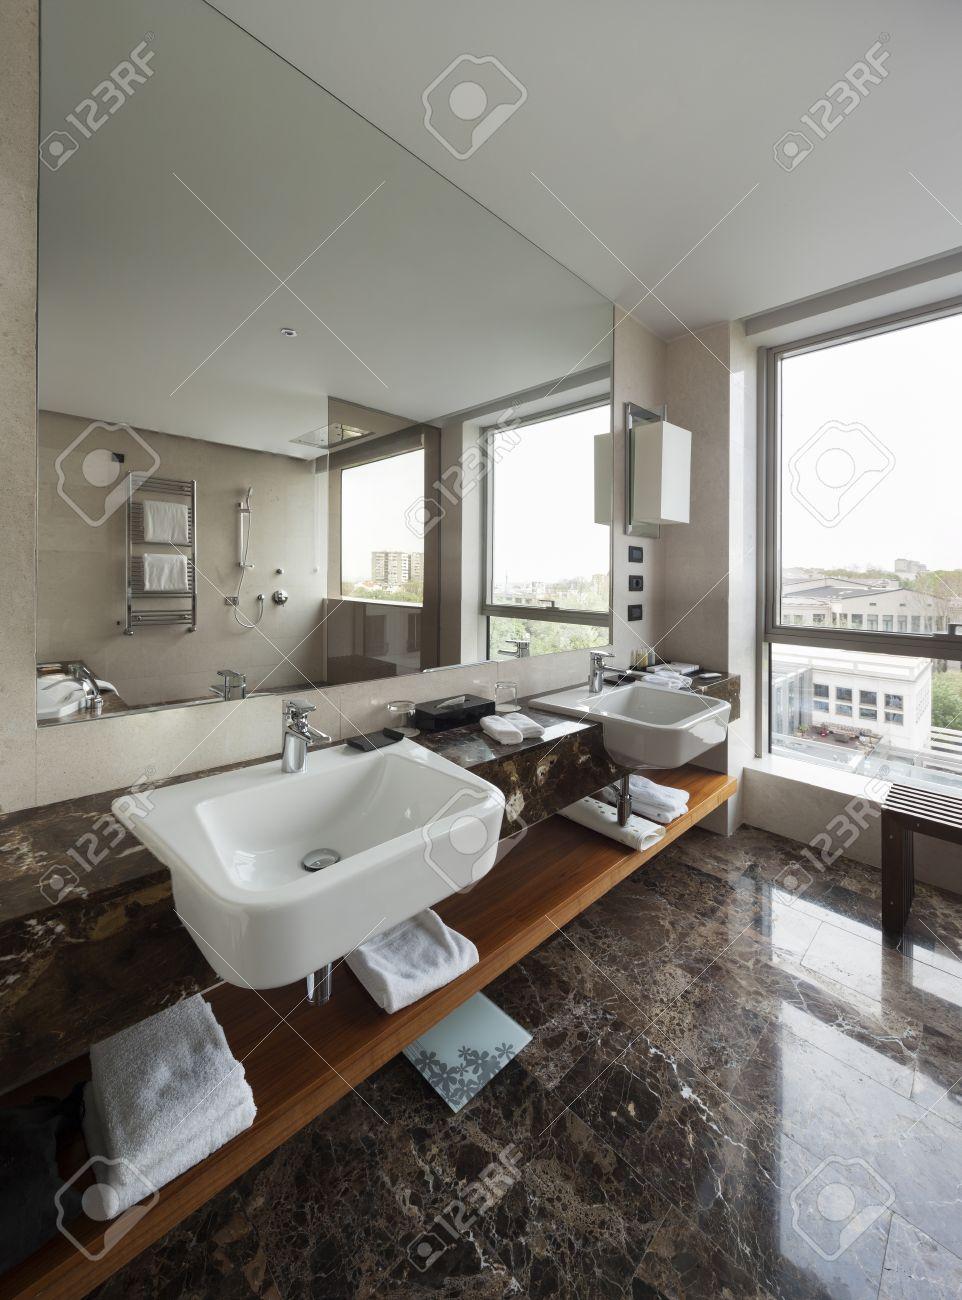 interni moderno bagno con doppio lavabo e grandi specchi, vasca da ... - Bagni Moderni Grandi